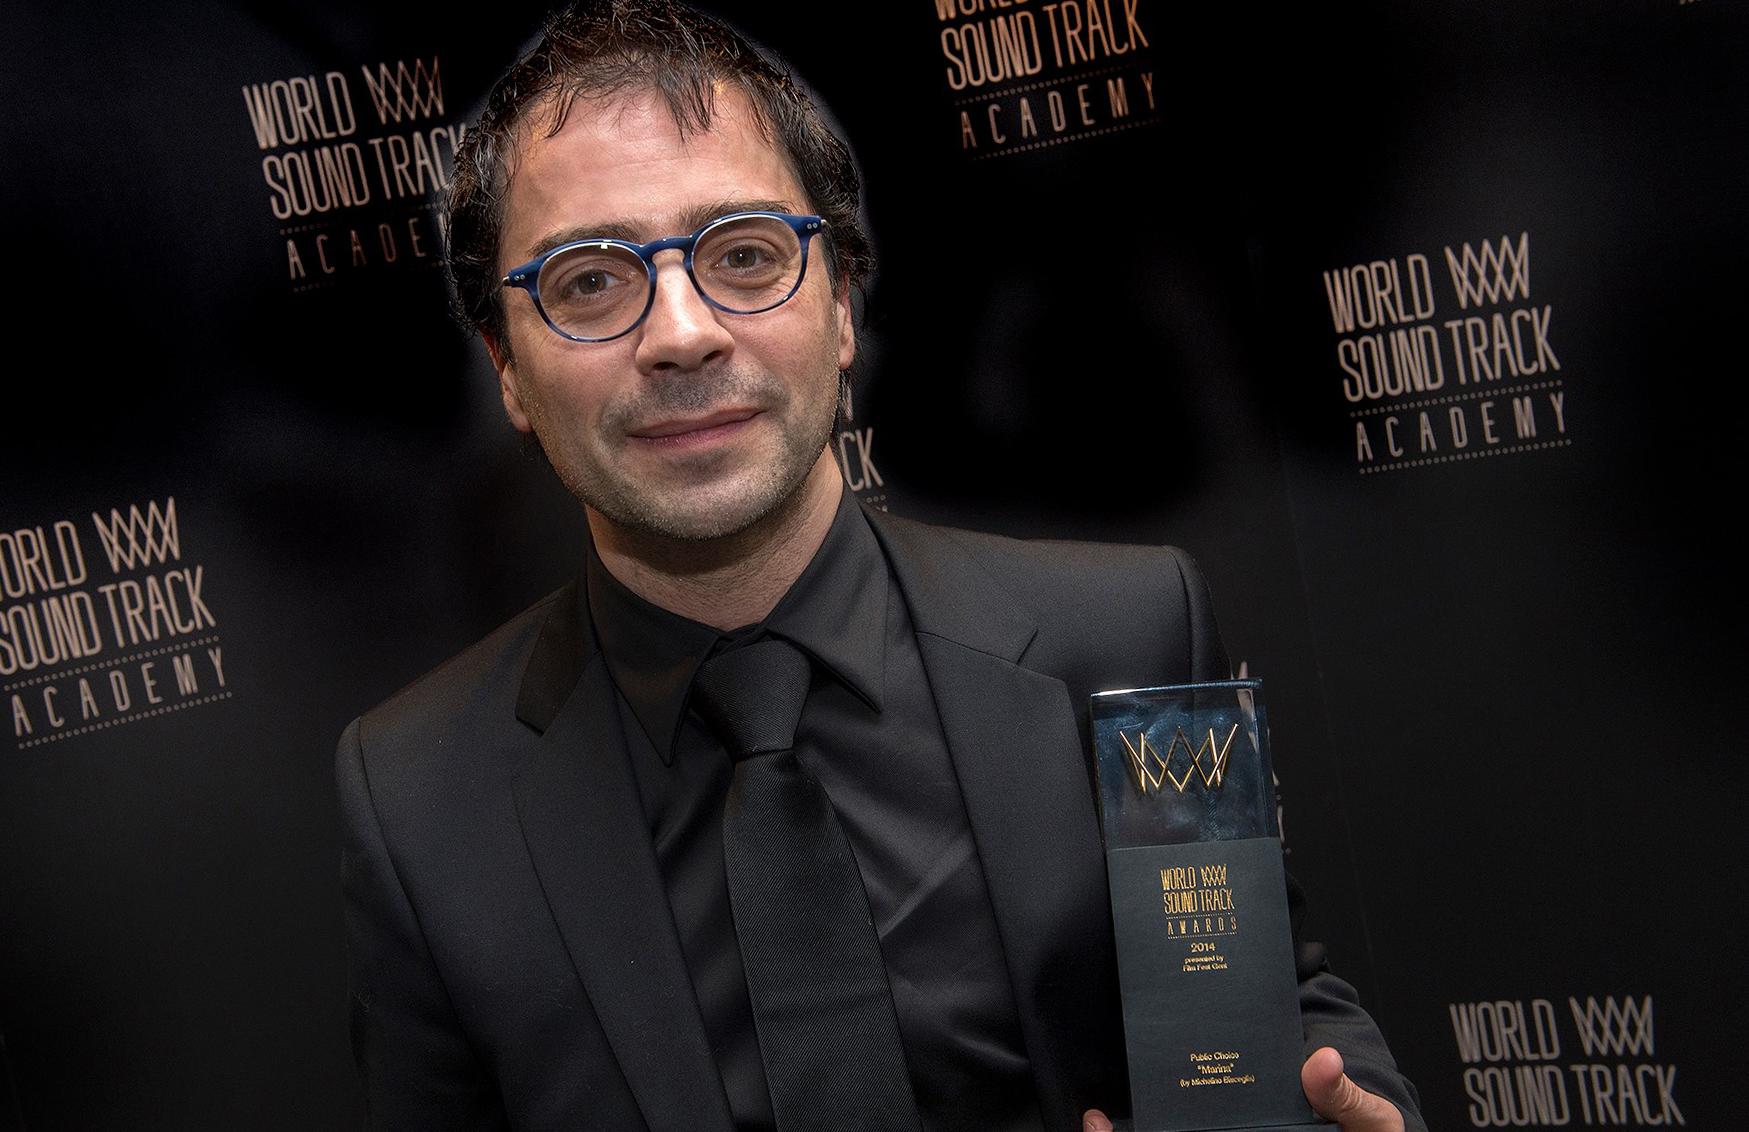 Michelino 'Michel' Bisceglia - World Soundtrack Award Winner 2014